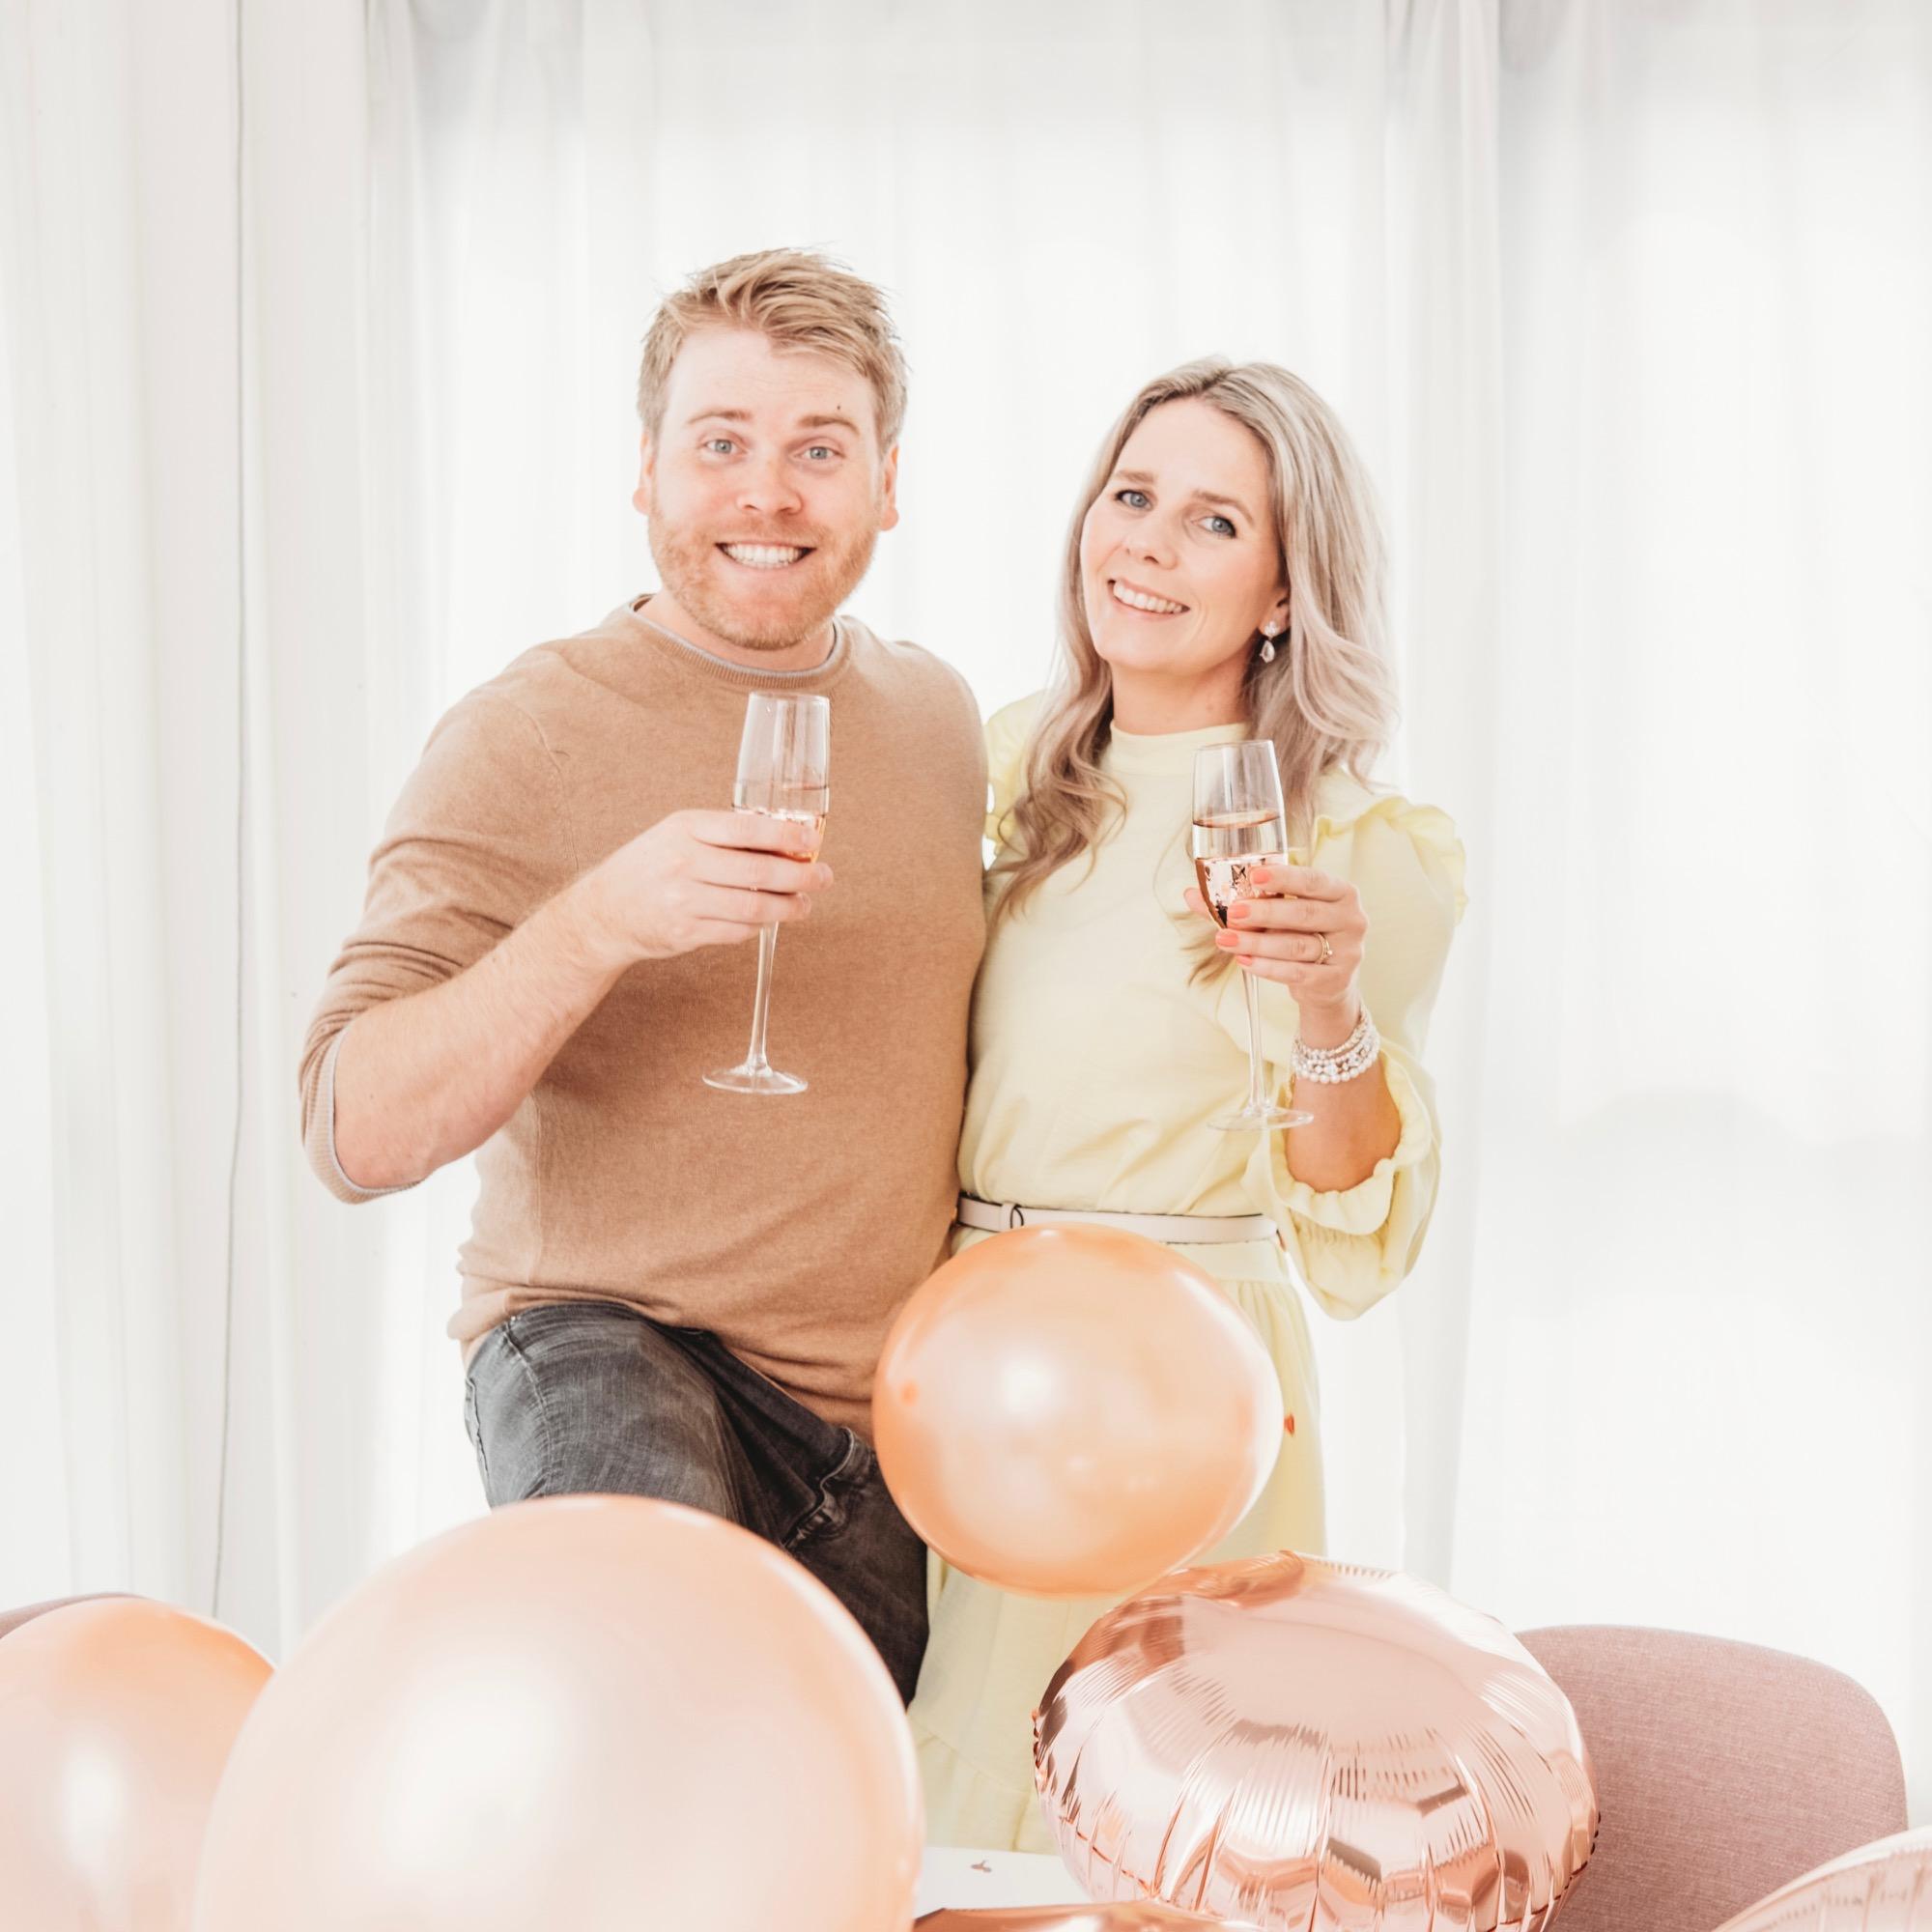 vrolijke man en vrouw met drankje en ballonnen